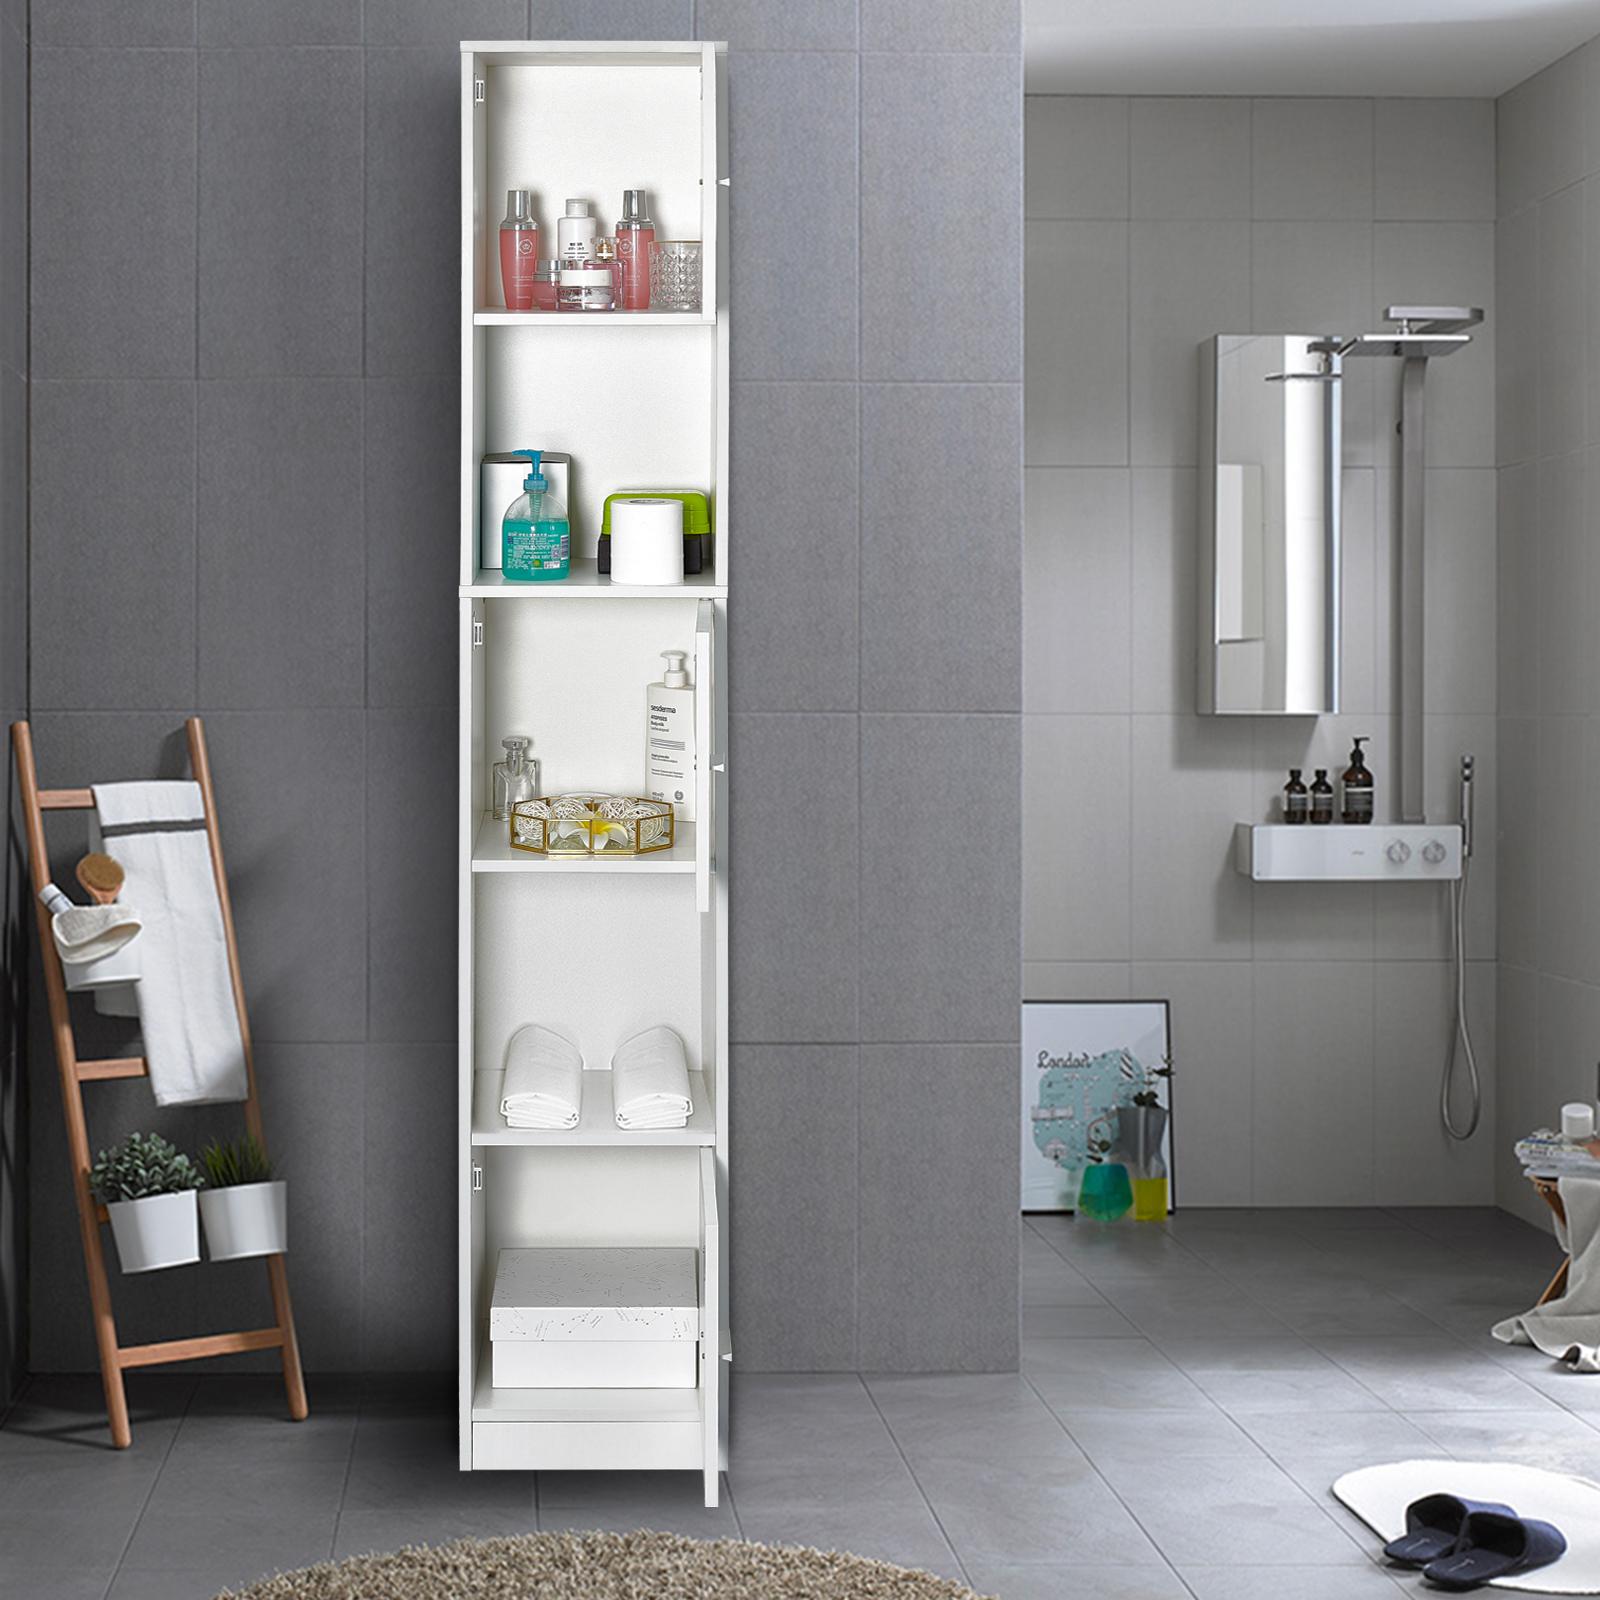 Bathroom Cabinet Shelf 3 Doors Tallboy Cupboard Tall Storage Unit White 180 Cm 711639638488 Ebay